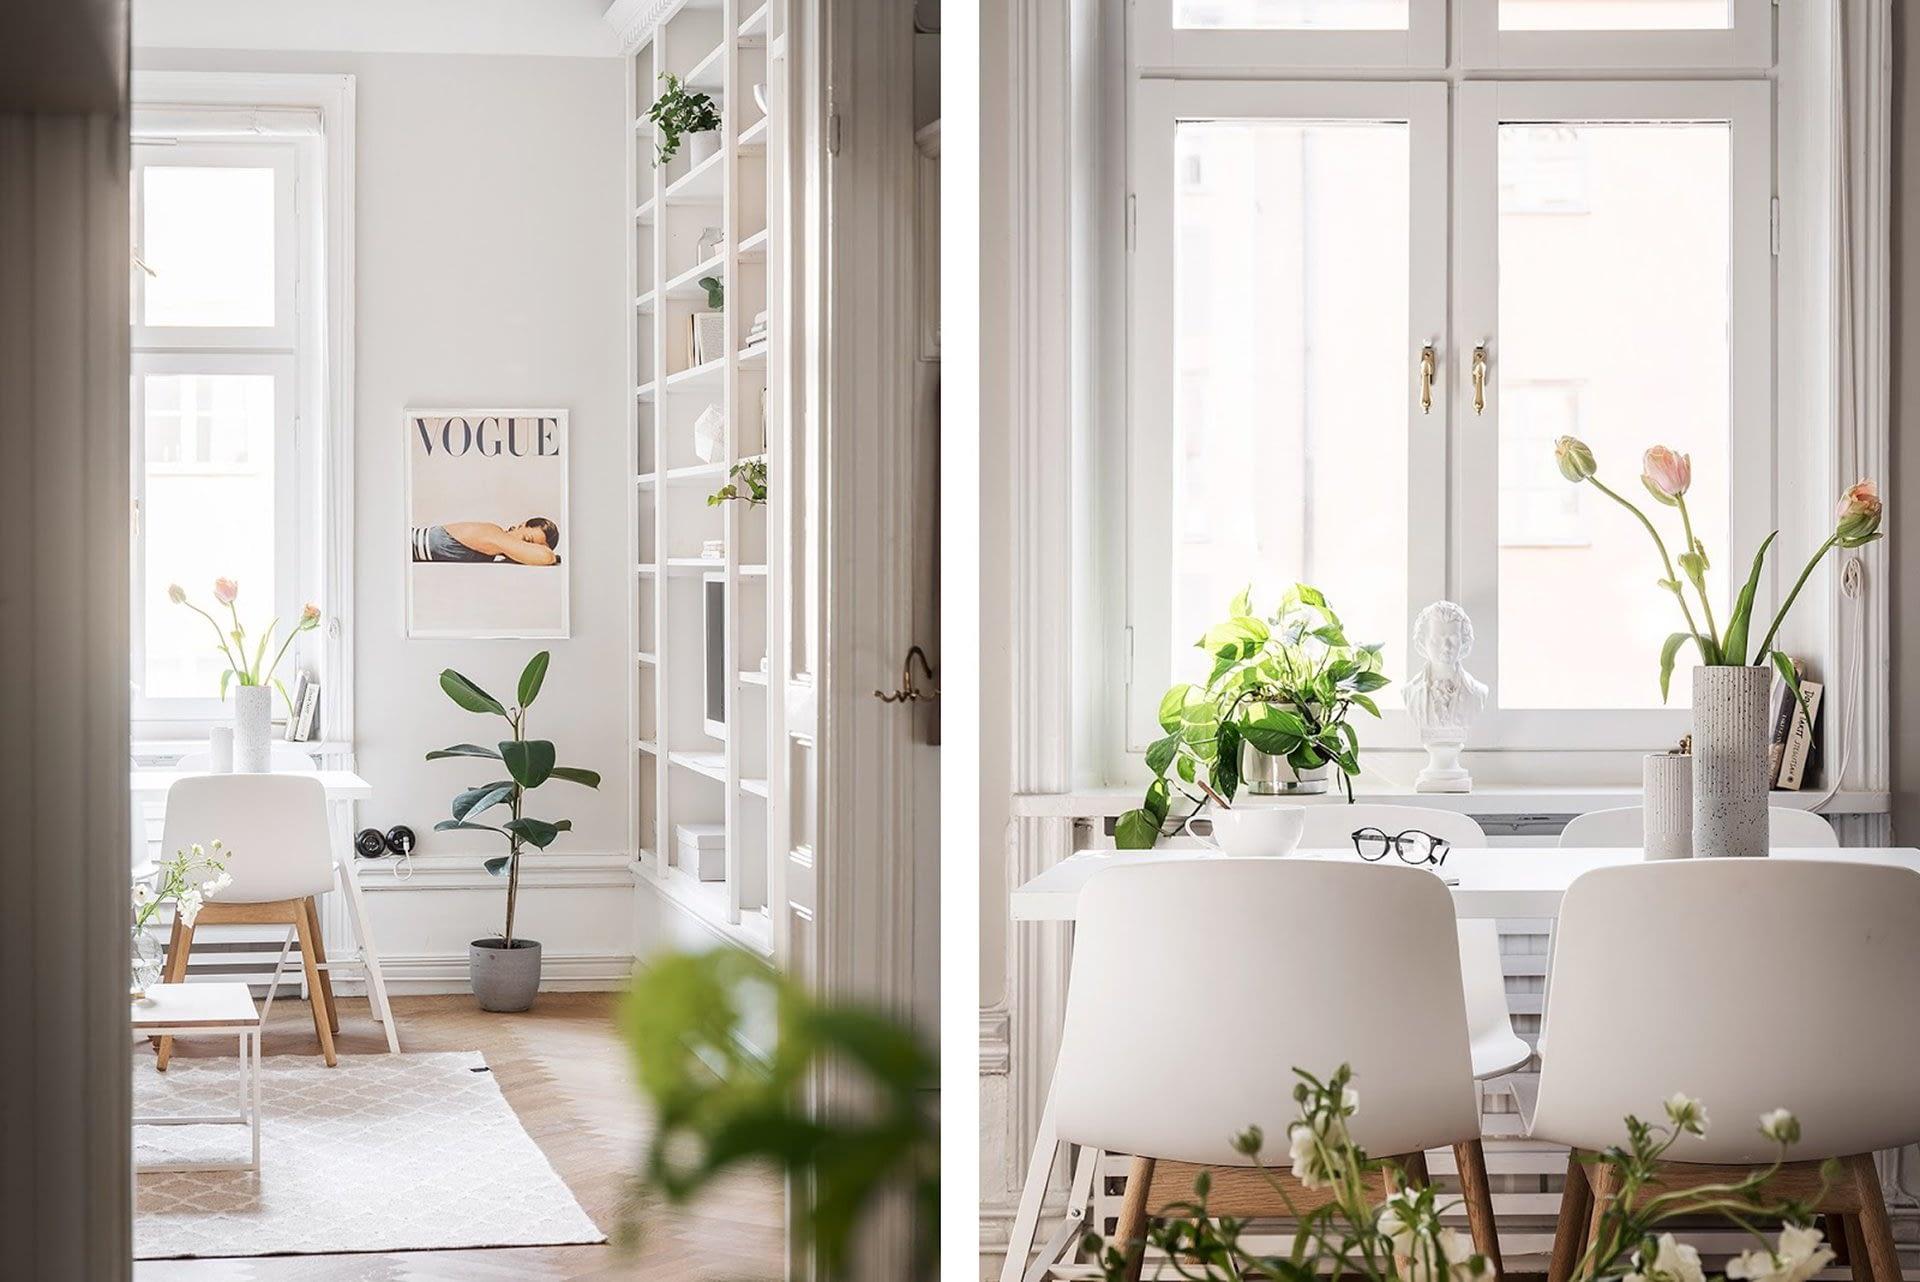 Amenajare scandinava in tonuri naturale de culoare intr-un apartament de 43 mp. 8